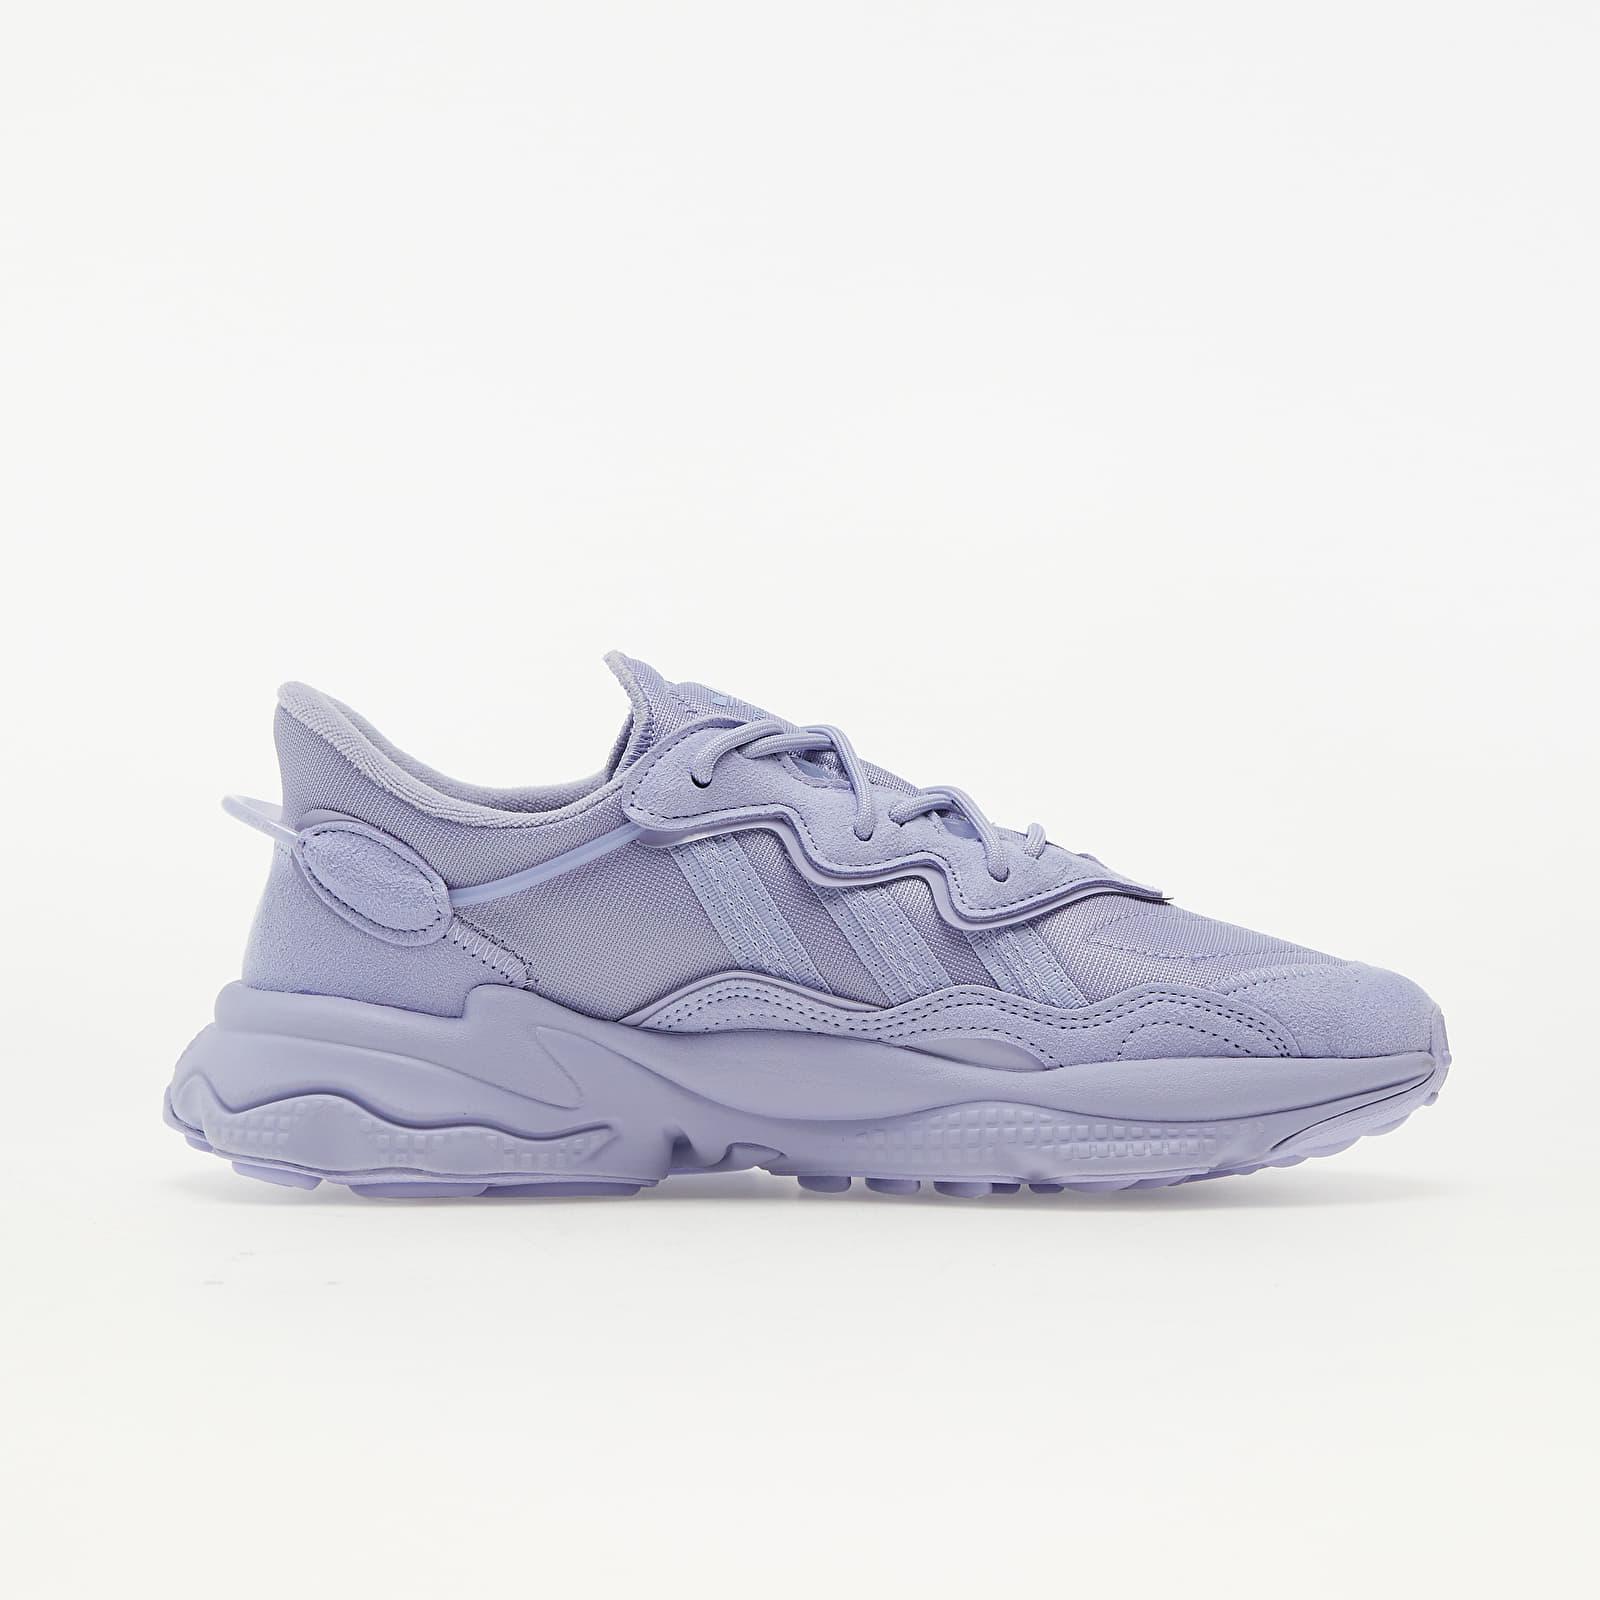 adidas Ozweego W Dust Purple/ Dust Purple/ Dust Purple   Footshop